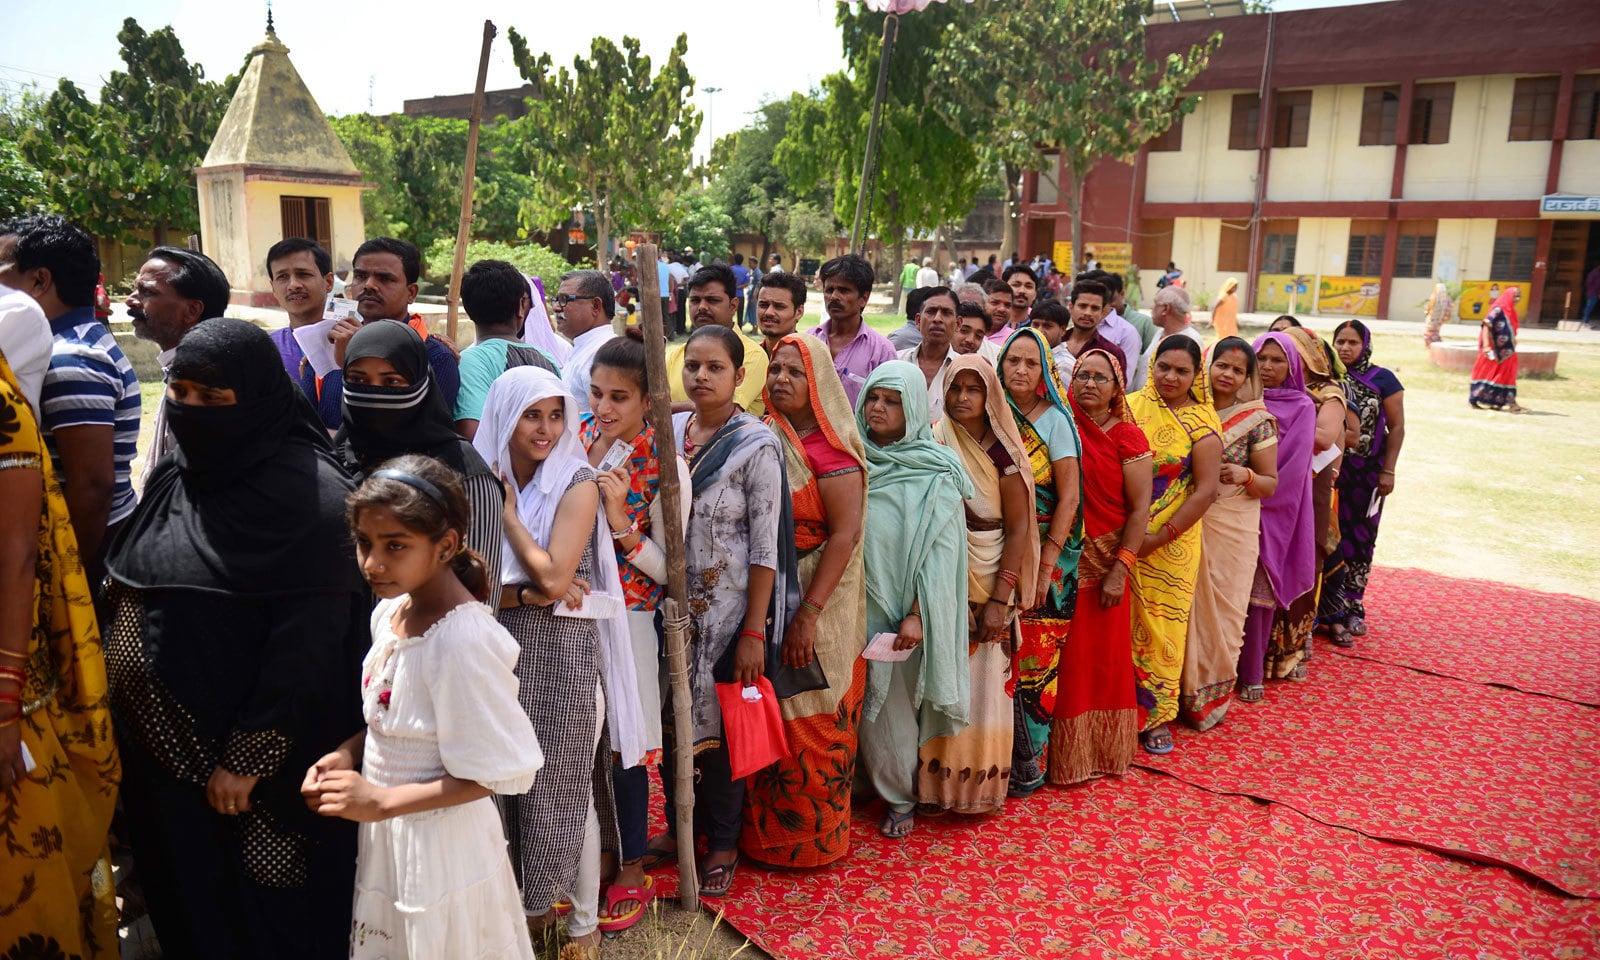 راہول گاندھی کے حلقے امیتھی میں ووٹنگ کے لیے خواتین کی طویل لائن نظر آرہی ہے — فوٹو: اے ایف پی